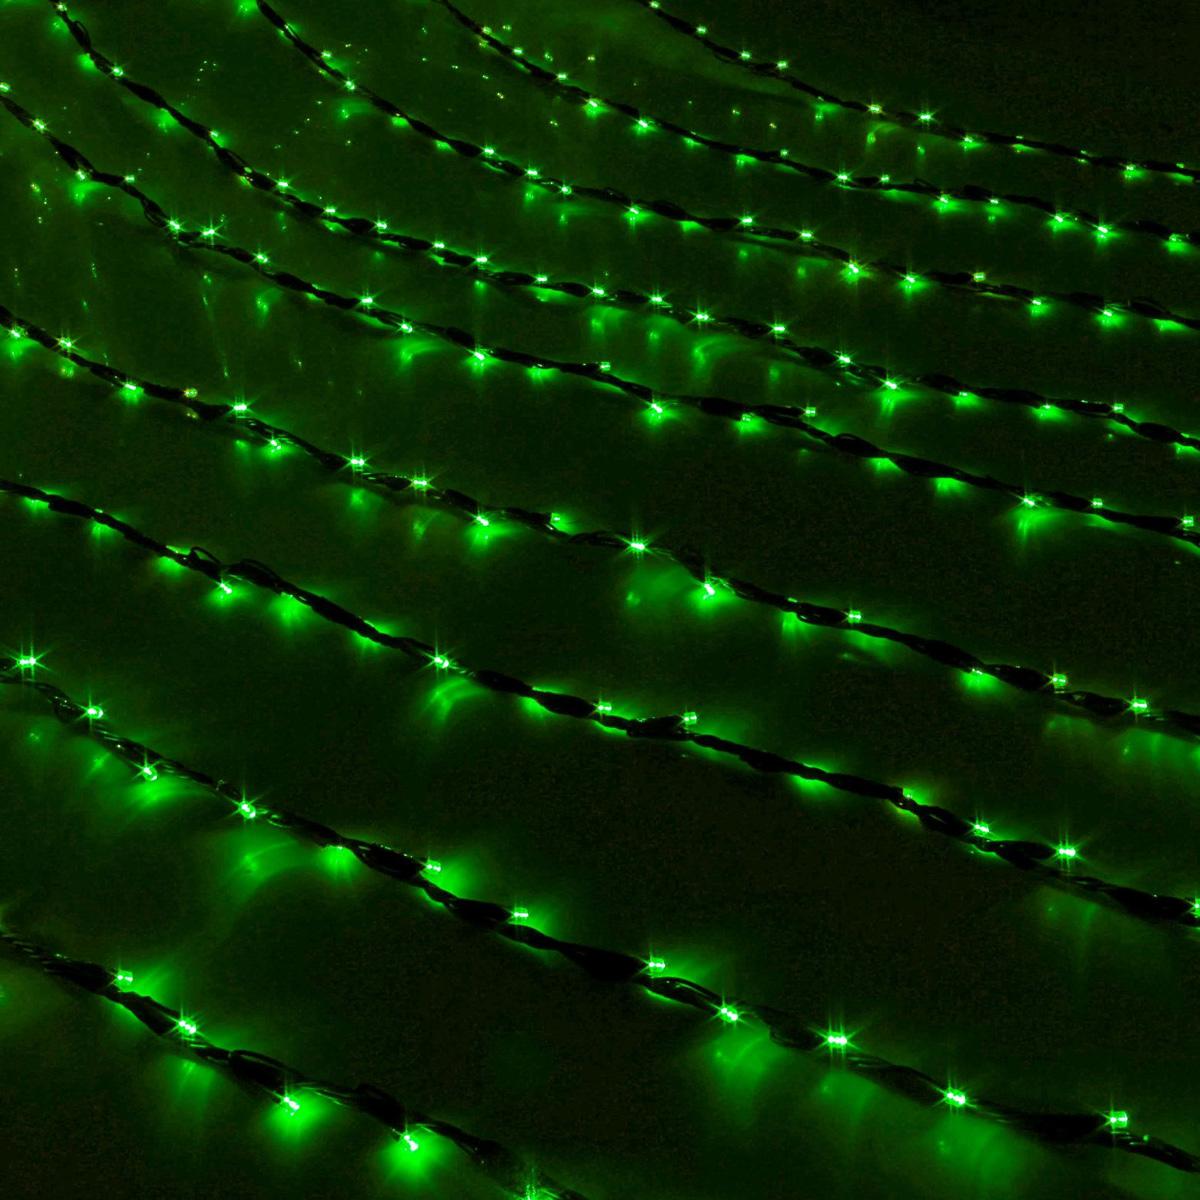 Гирлянда светодиодная Luazon Дождь, уличная, 800 ламп, 220 V, цвет: зеленый, 2 х 3 м. 187325187325Светодиодные гирлянды, ленты и т.д — это отличный вариант для новогоднего оформления интерьера или фасада. С их помощью помещение любого размера можно превратить в праздничный зал, а внешние элементы зданий, украшенные ими, мгновенно станут напоминать очертания сказочного дворца. Такие украшения создают ауру предвкушения чуда. Деревья, фасады, витрины, окна и арки будто специально созданы, чтобы вы украсили их светящимися нитями.